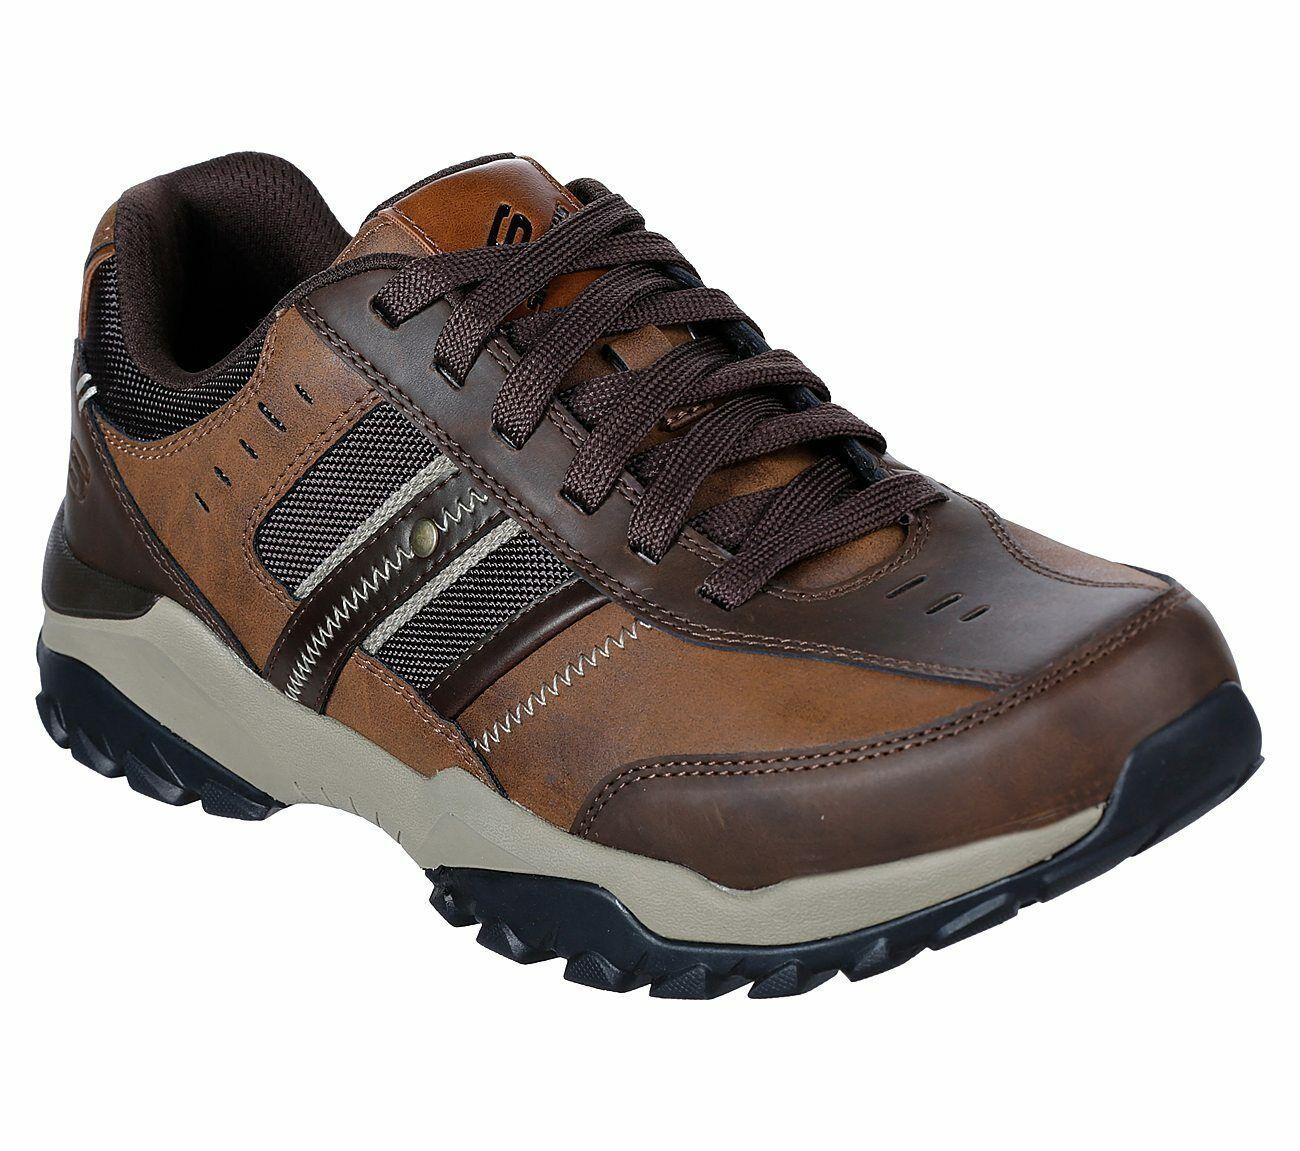 Skechers Bequeme Passform: Henrick Delwood Schuhe 66015 Herren Leder Spitze